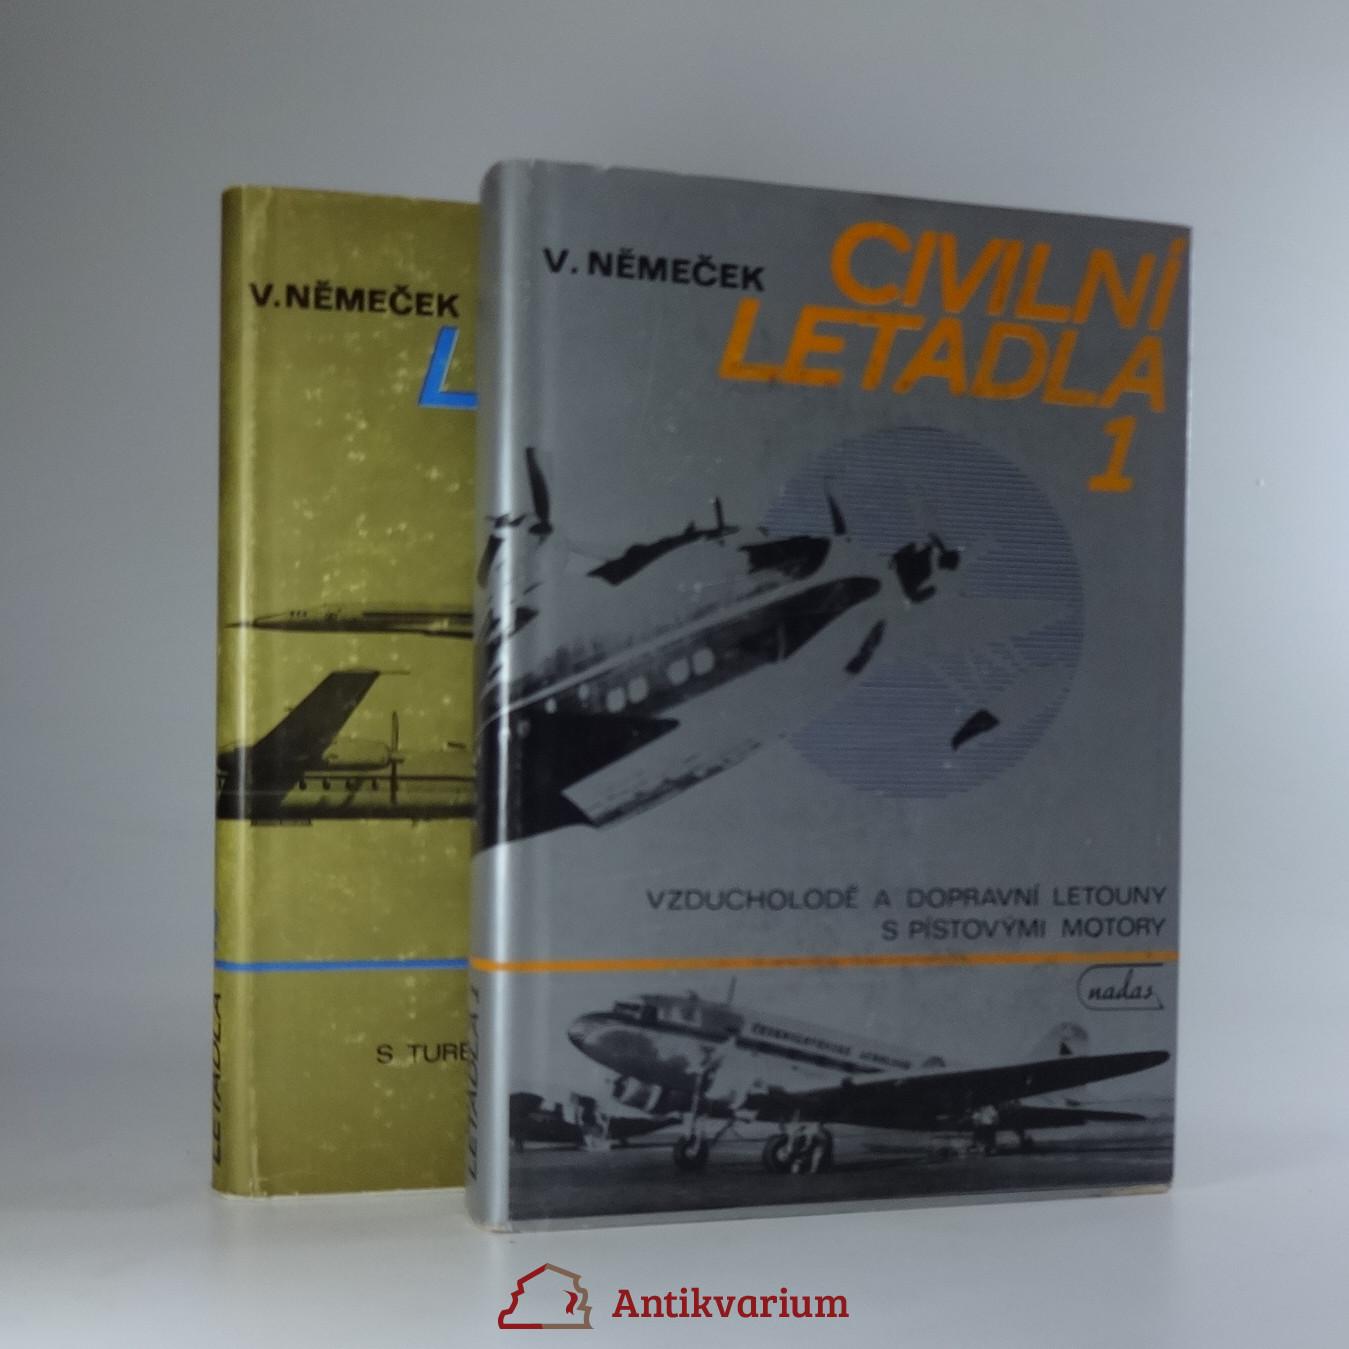 antikvární kniha Civilní letadla. 2 svazky, 1981